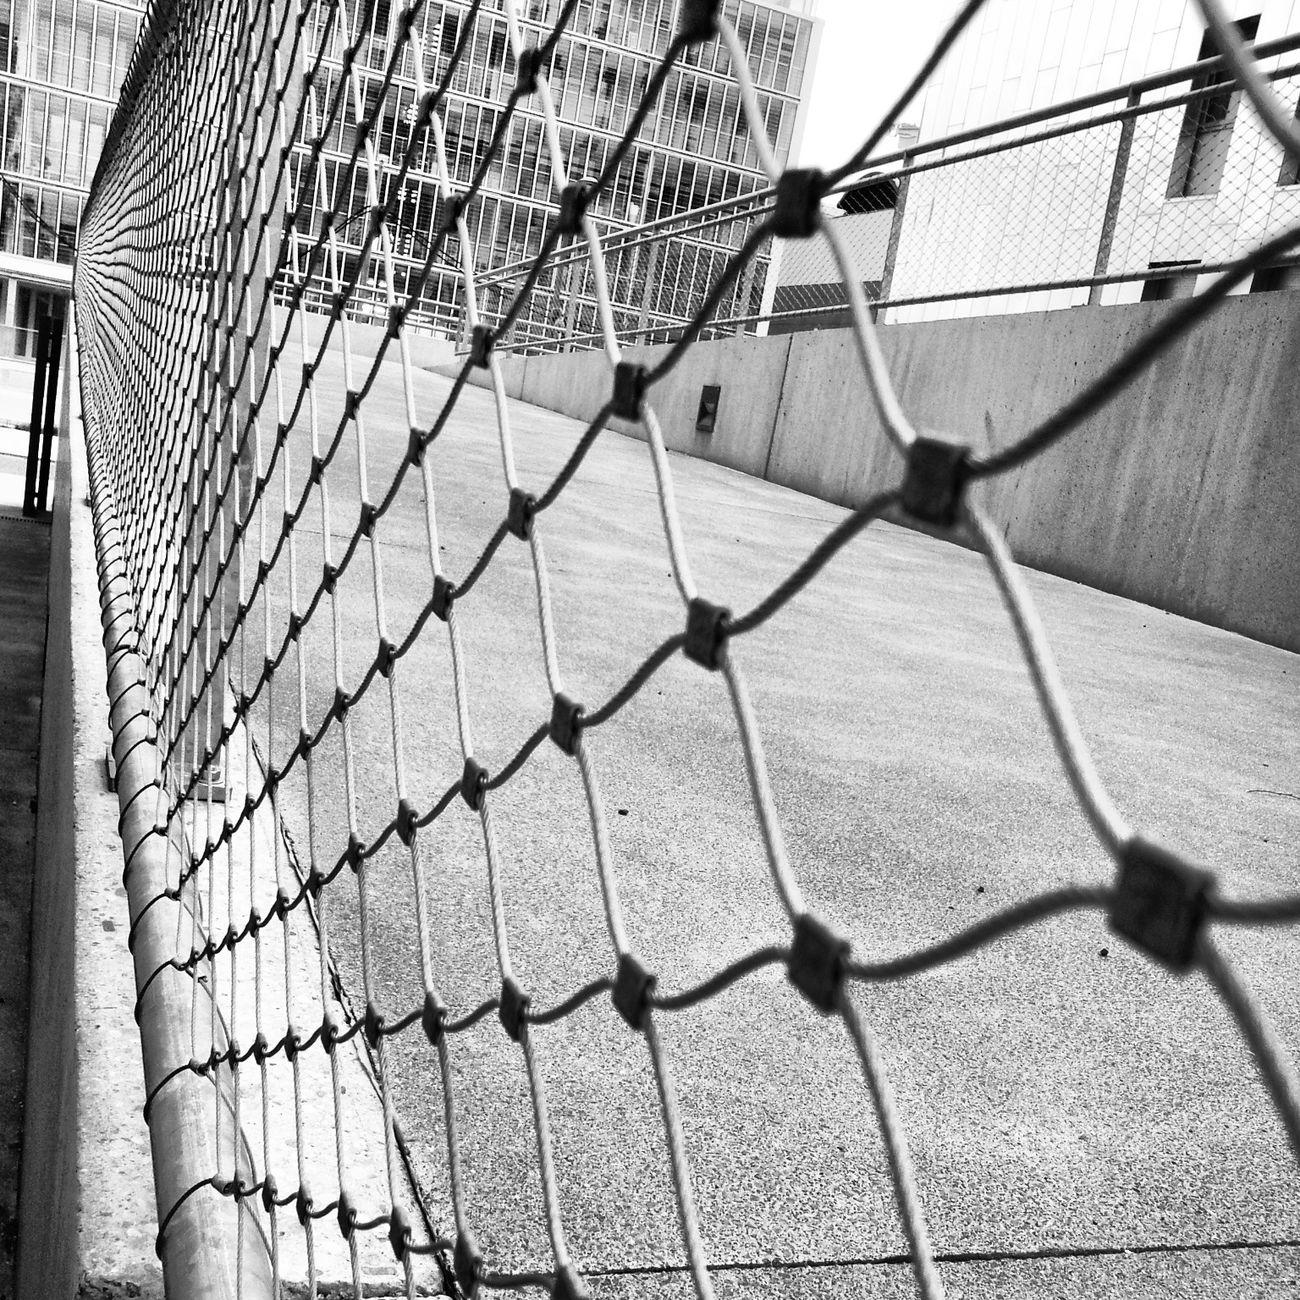 Urban Grid No Escape